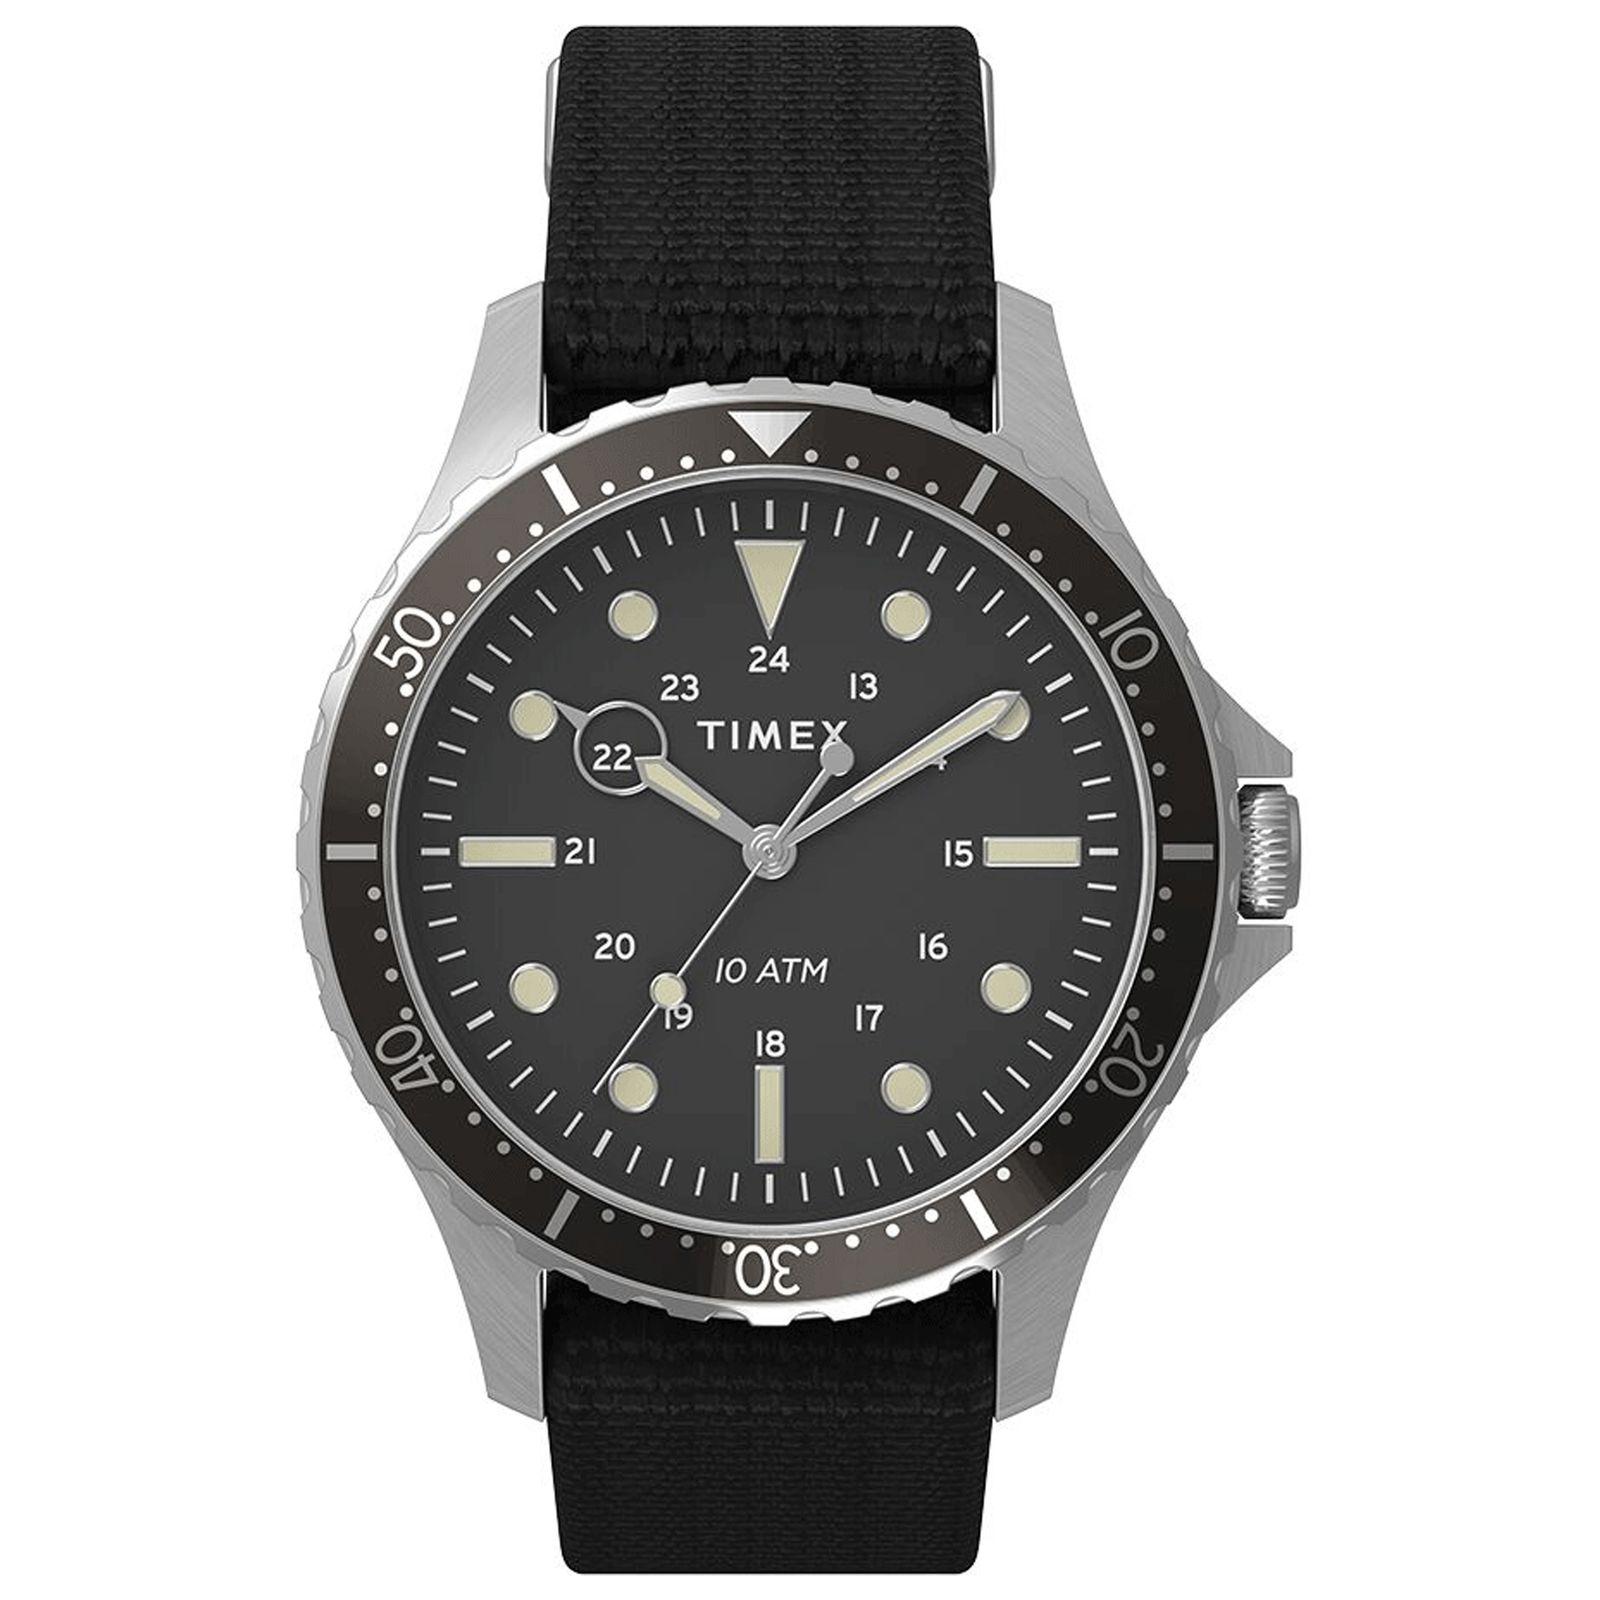 ساعت مچی عقربه ای مردانه تایمکس مدل TW2T75600 -  - 1